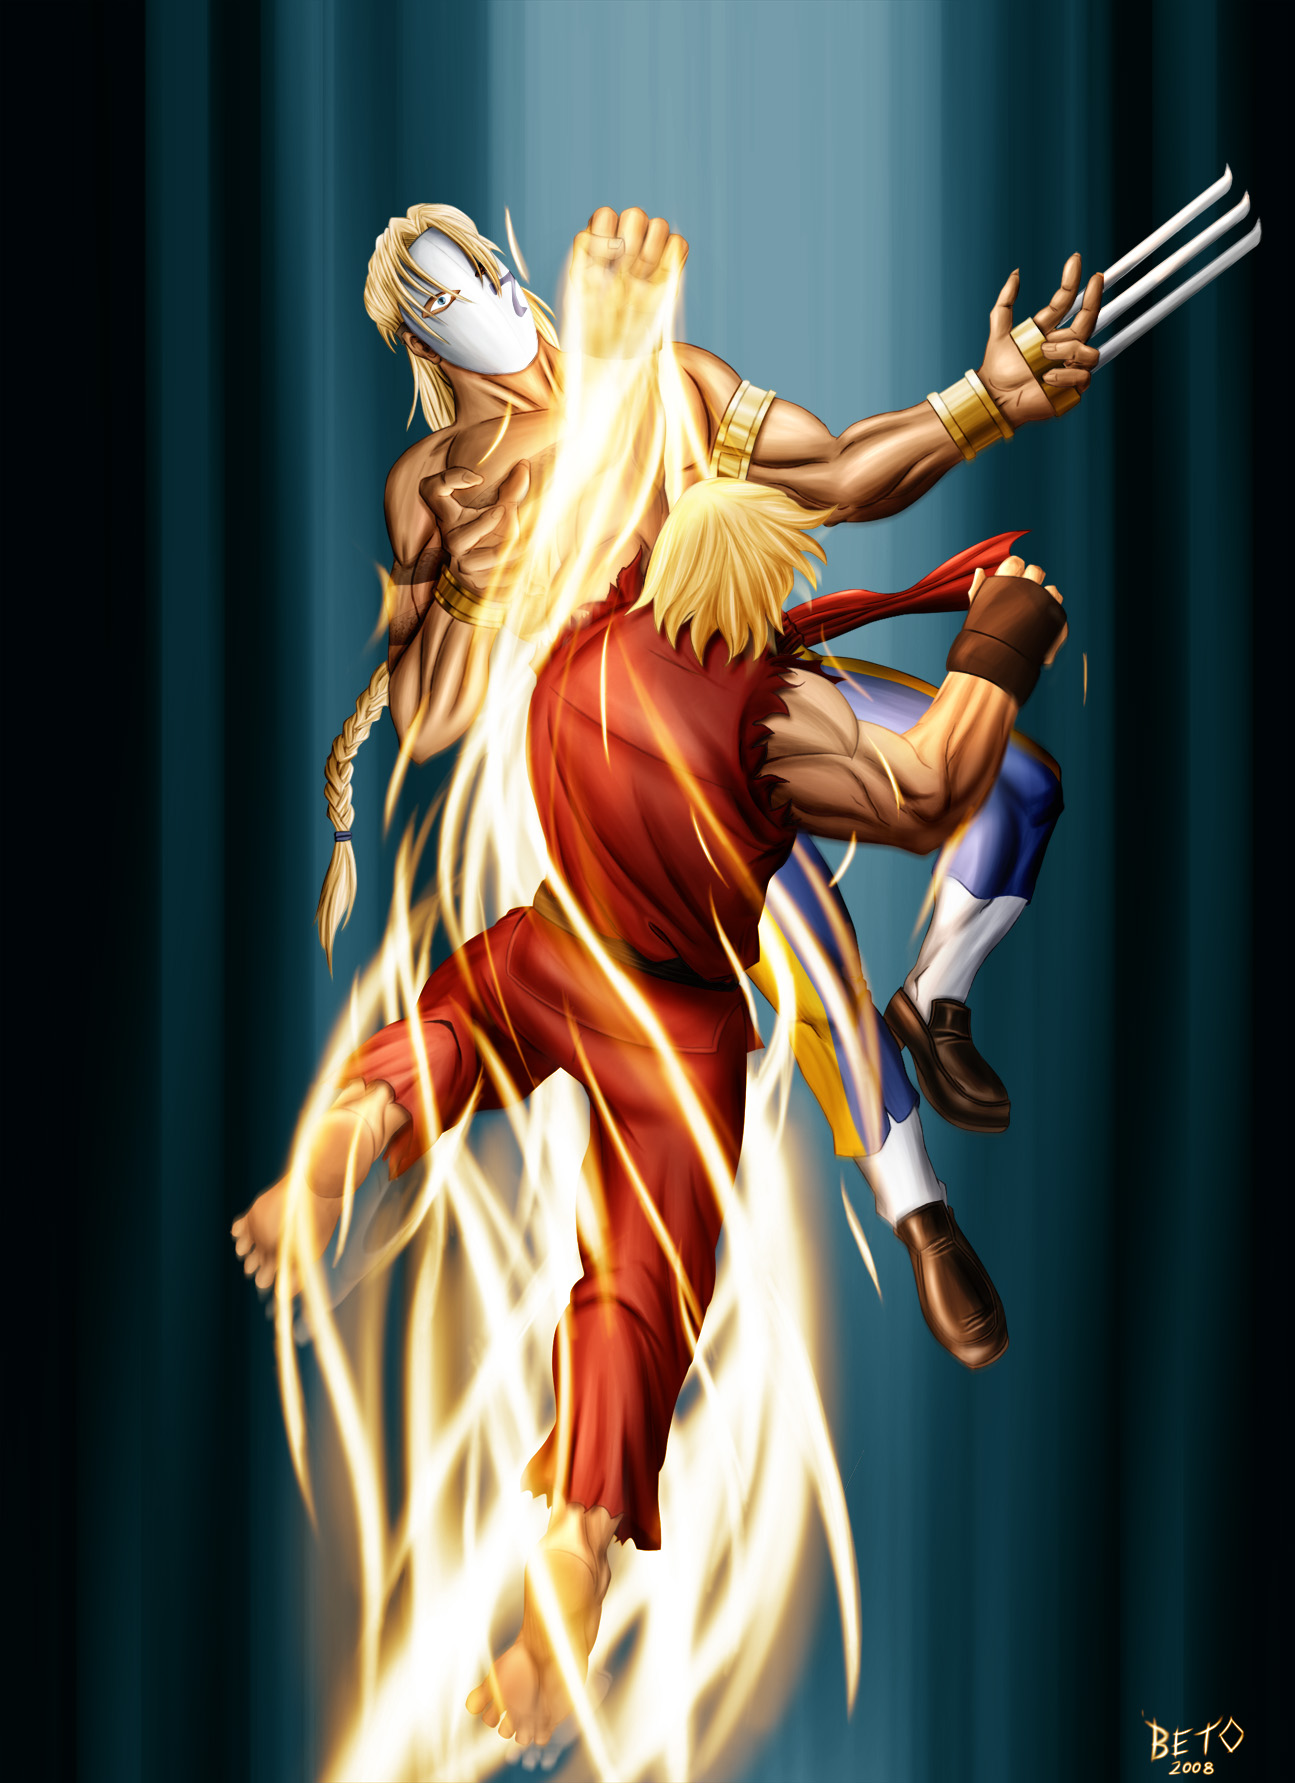 Ken vs Vega by o-Beto-o